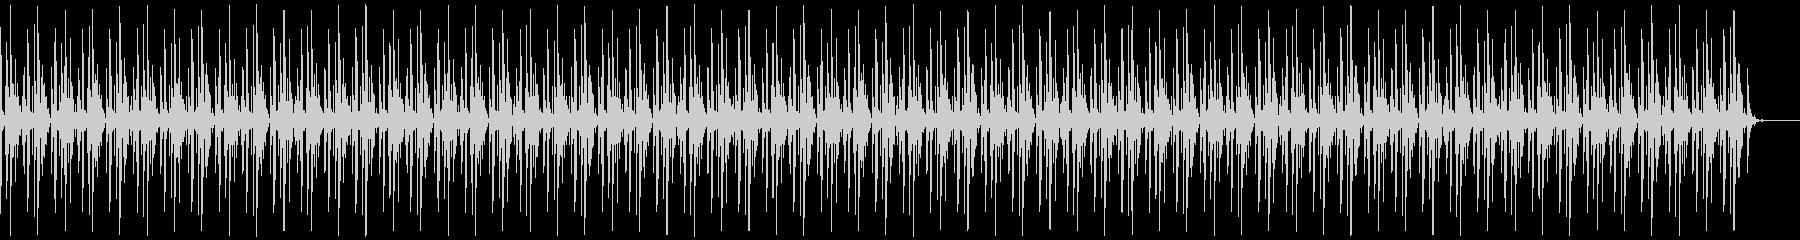 [ニュース報道]無機質:フラット:03の未再生の波形